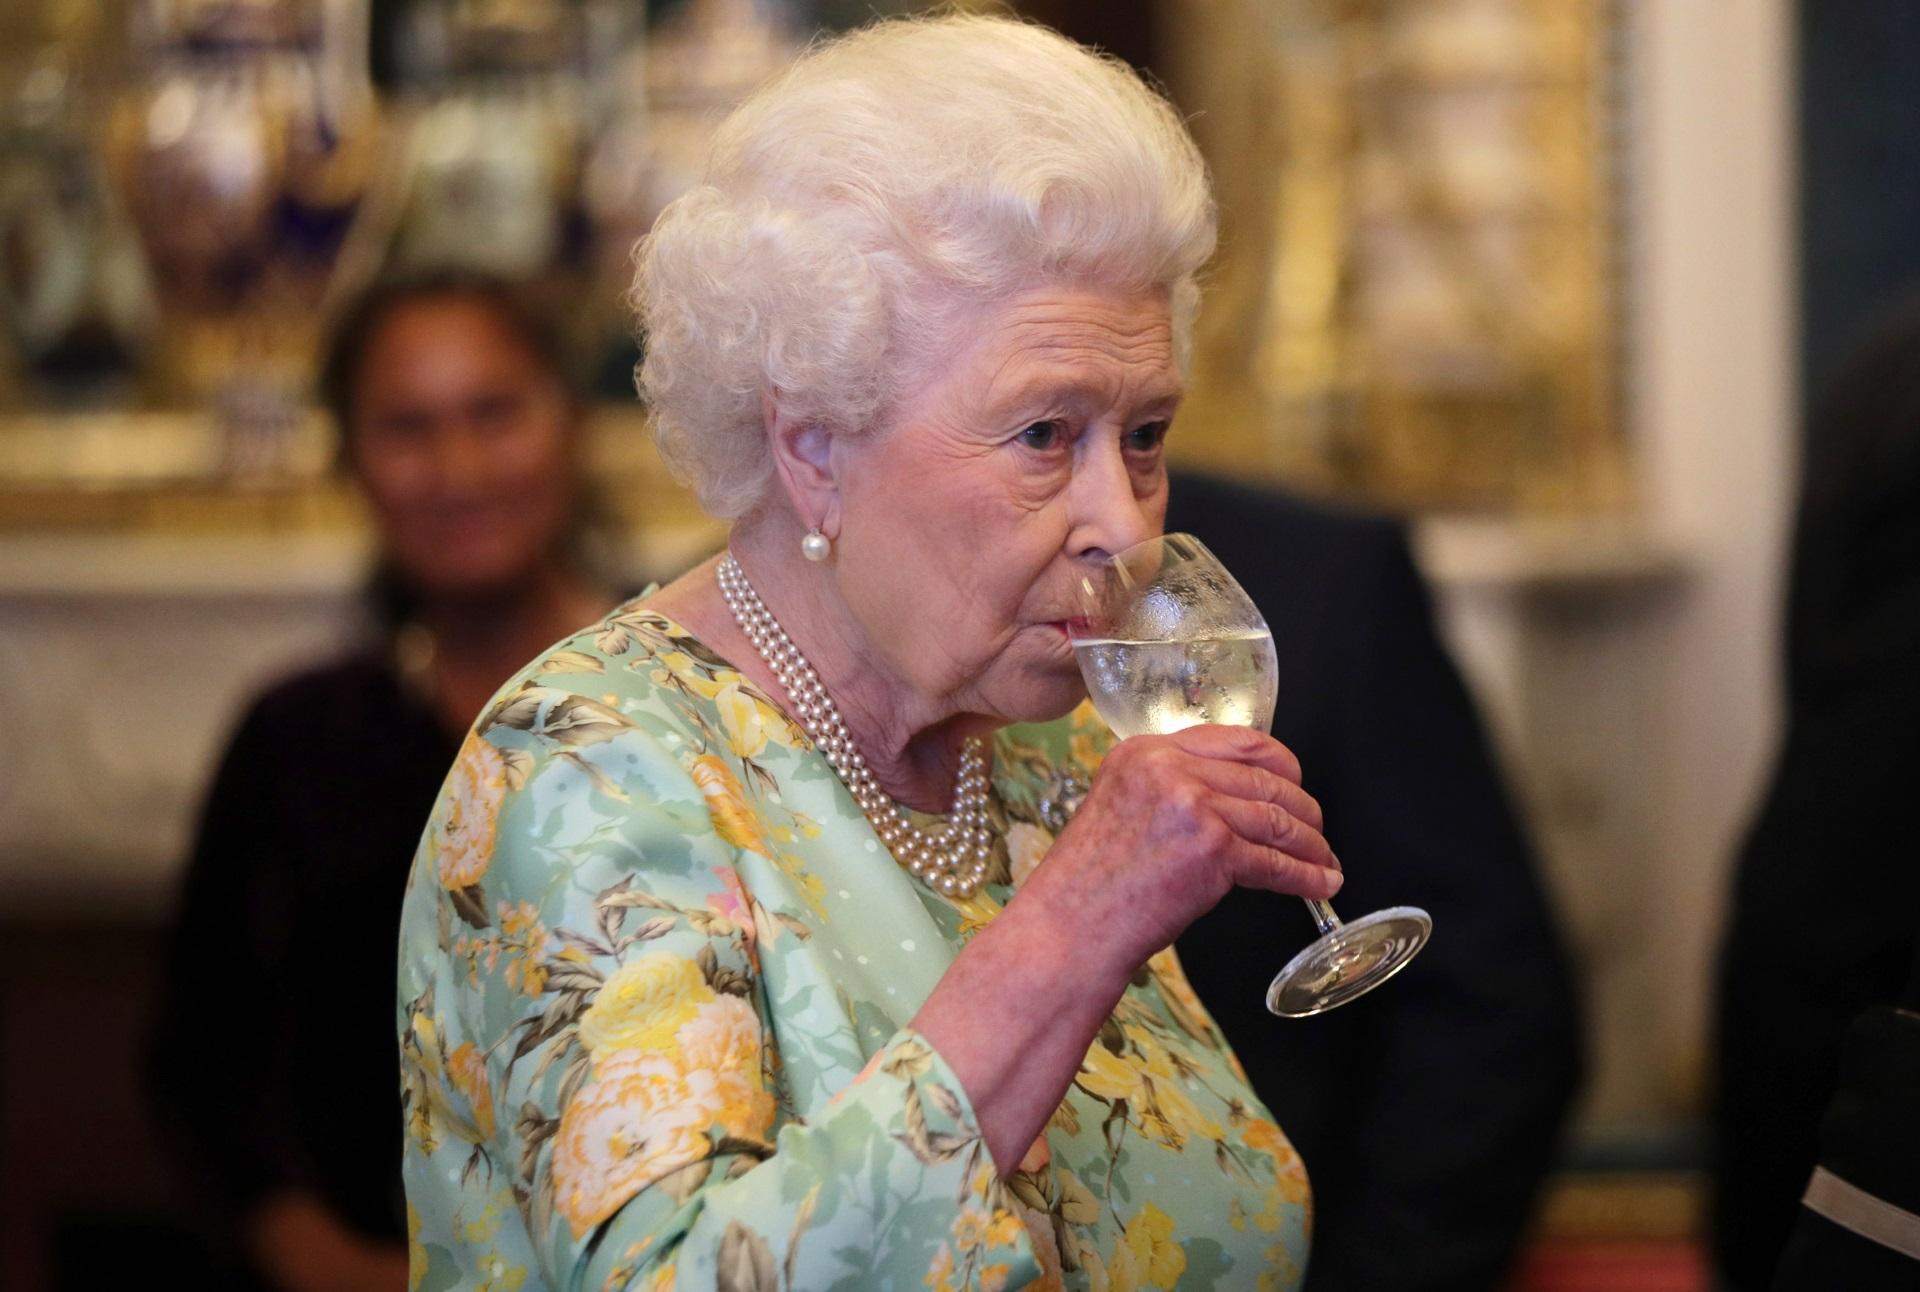 Кралица Елизабет II<br /> <br /> 93-годишният монарх на Великобритания изпива по чаша шампанско всяка вечер преди да си легне. Освен това тя обича да пие джин на обяд, преди да се наслади на вино или сухо мартини през деня.